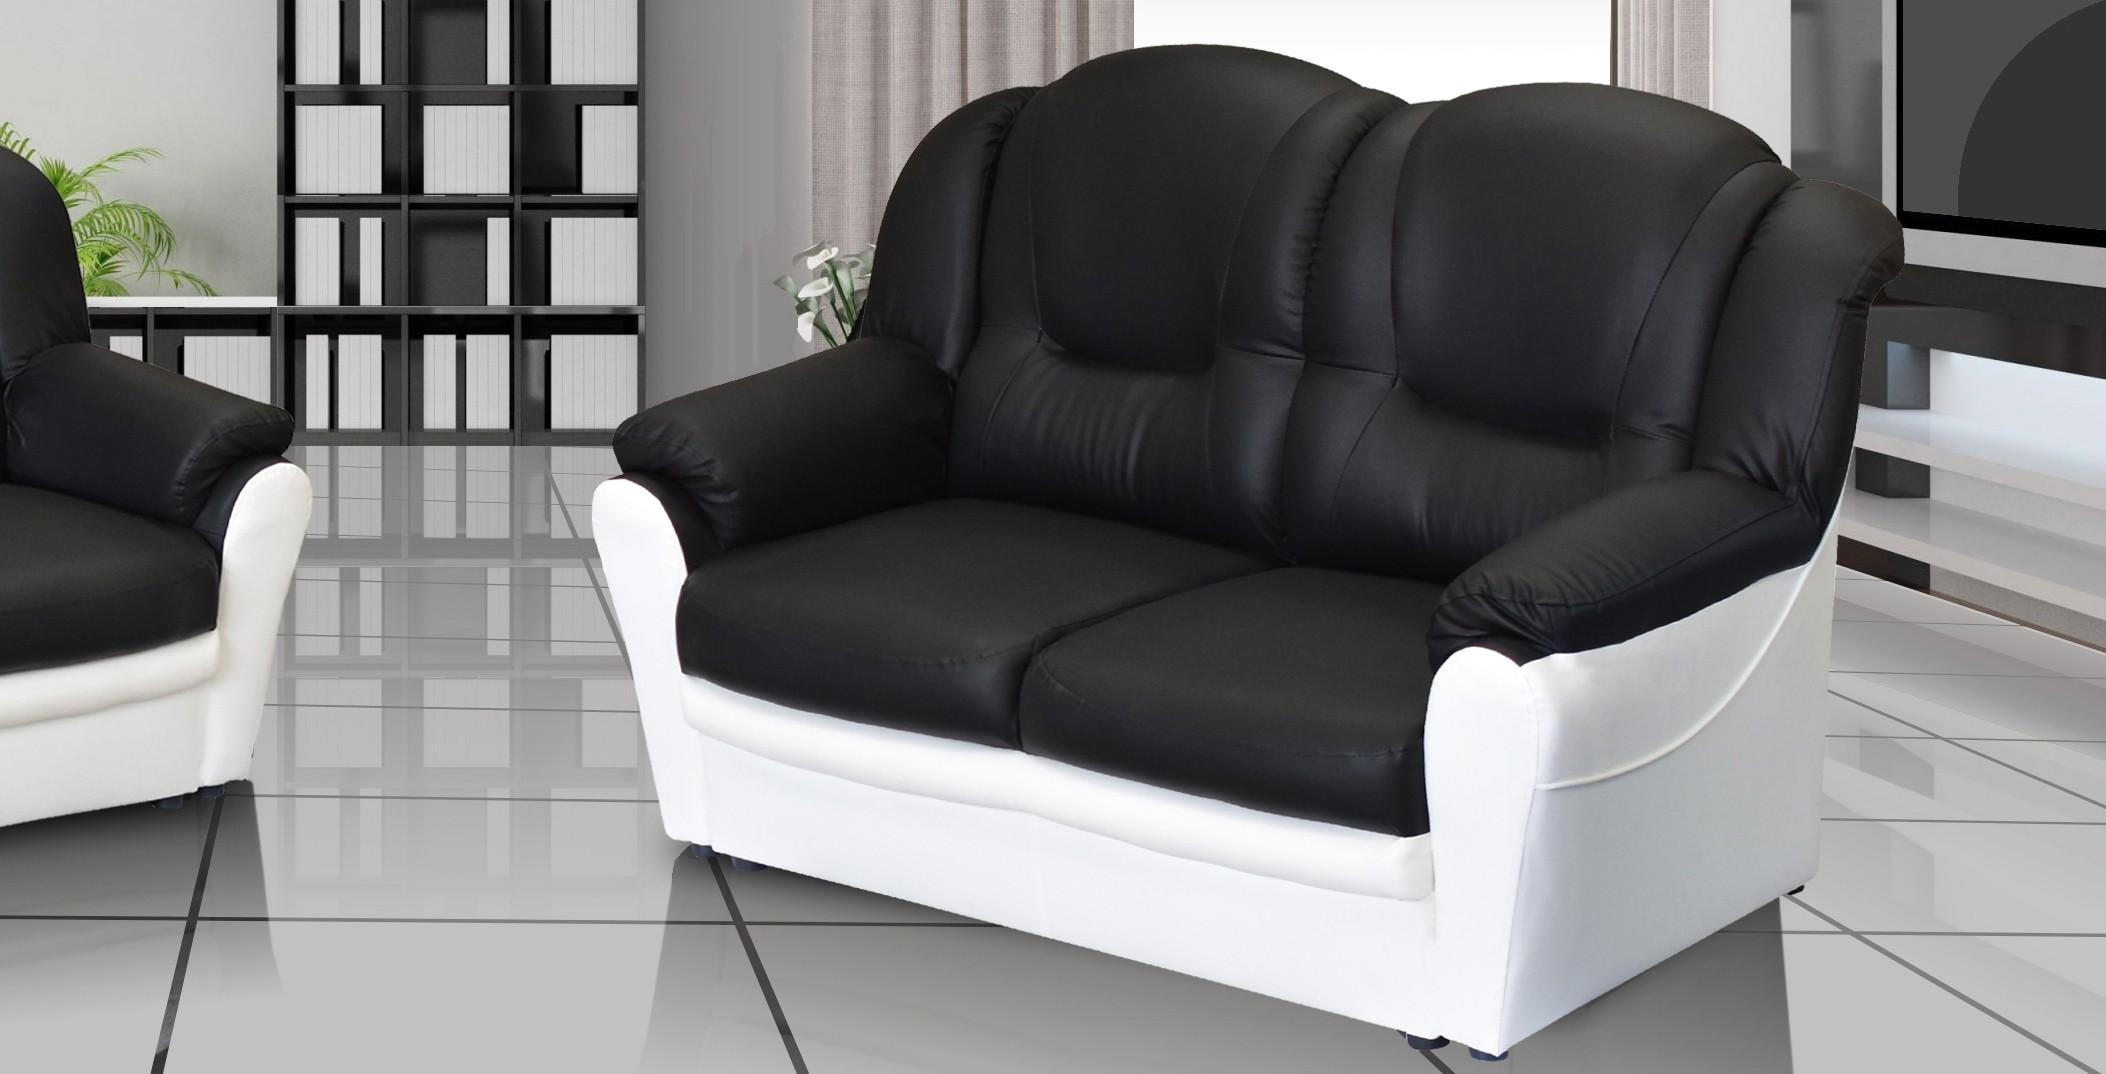 Arizona 2 Seater Sofa Black and White PU